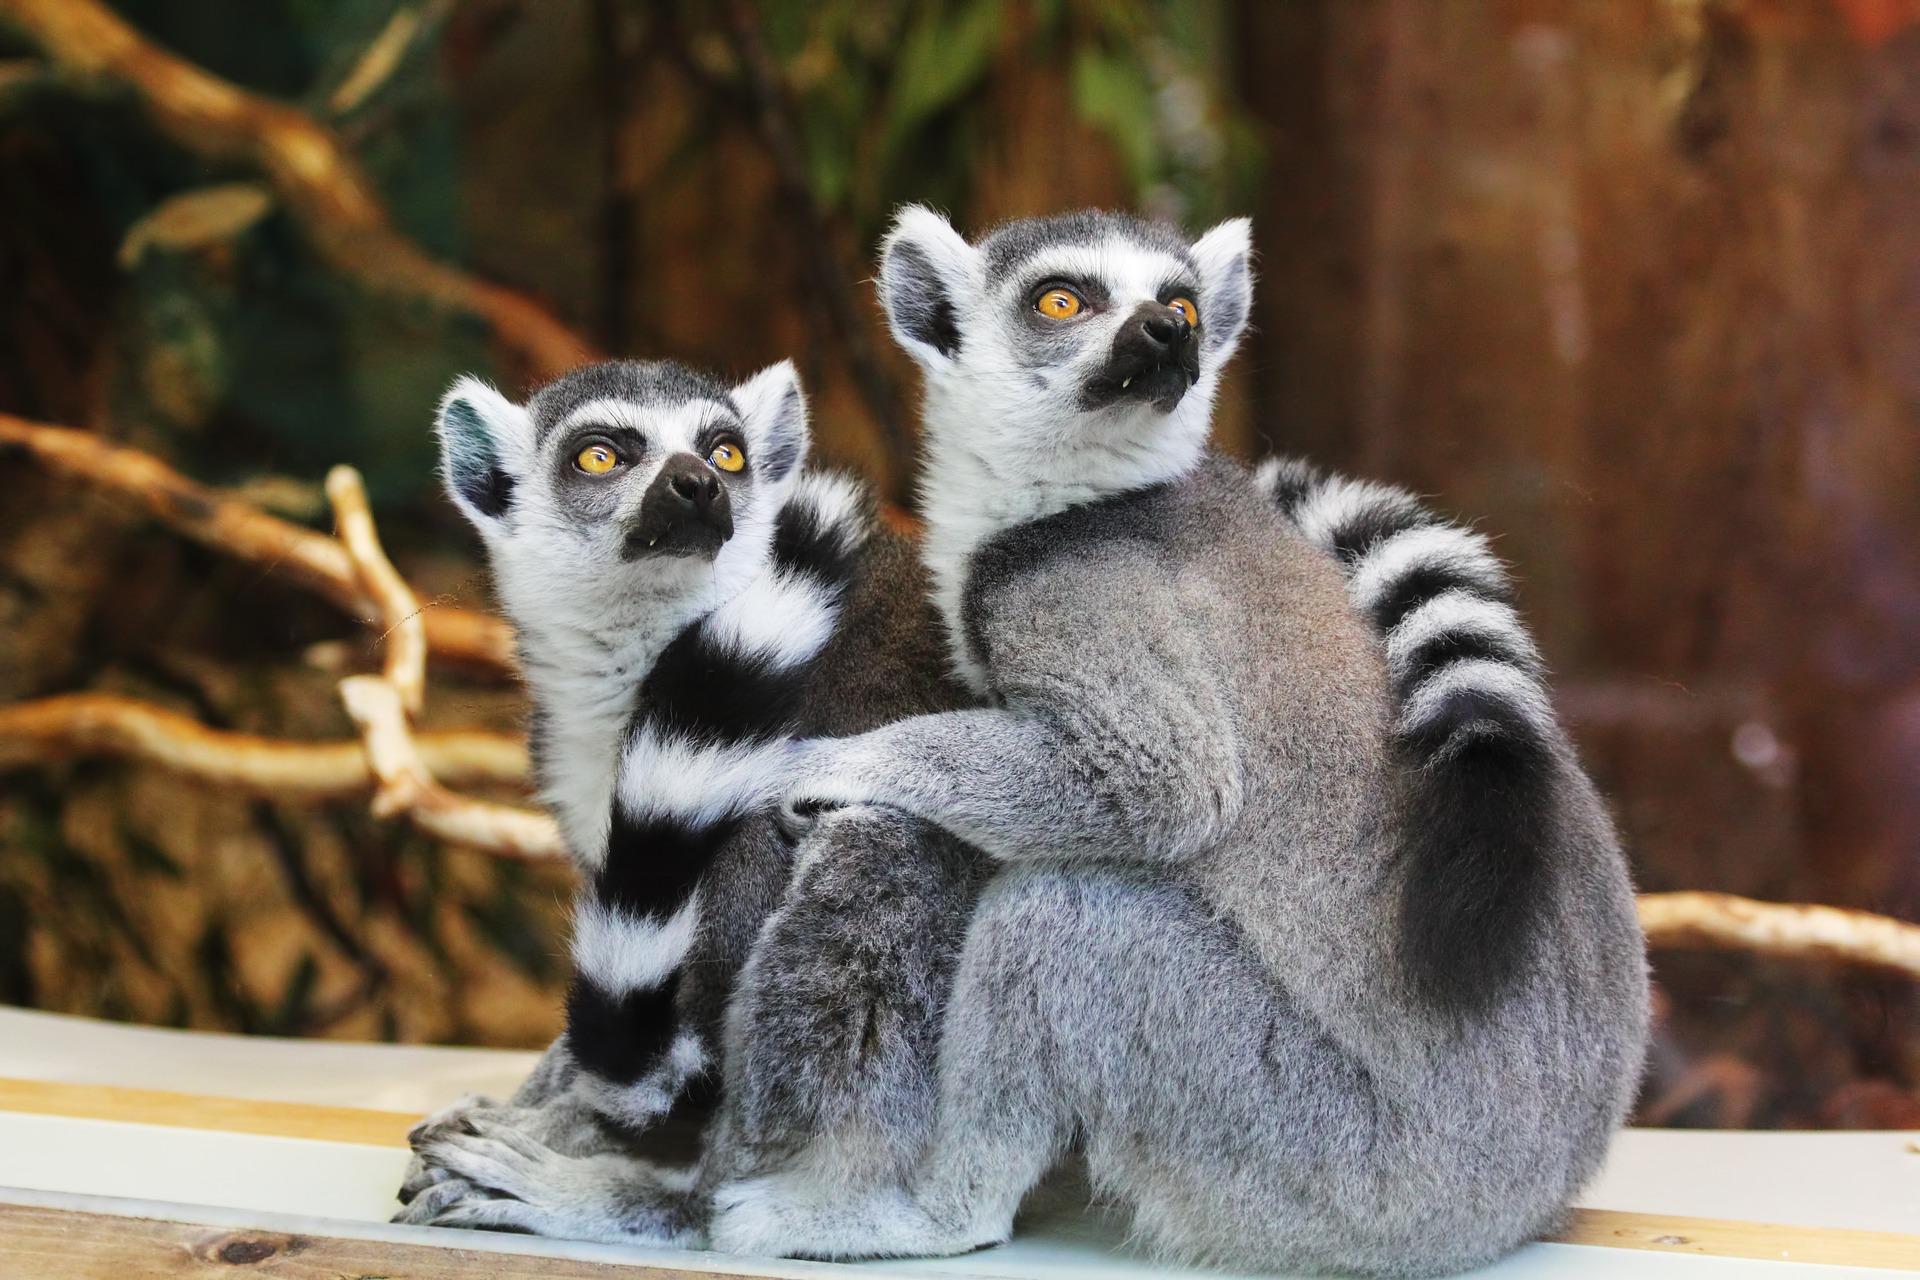 Lemur, casal, cauda, reticulado, cara, espanto - Papéis de parede HD - Professor-falken.com